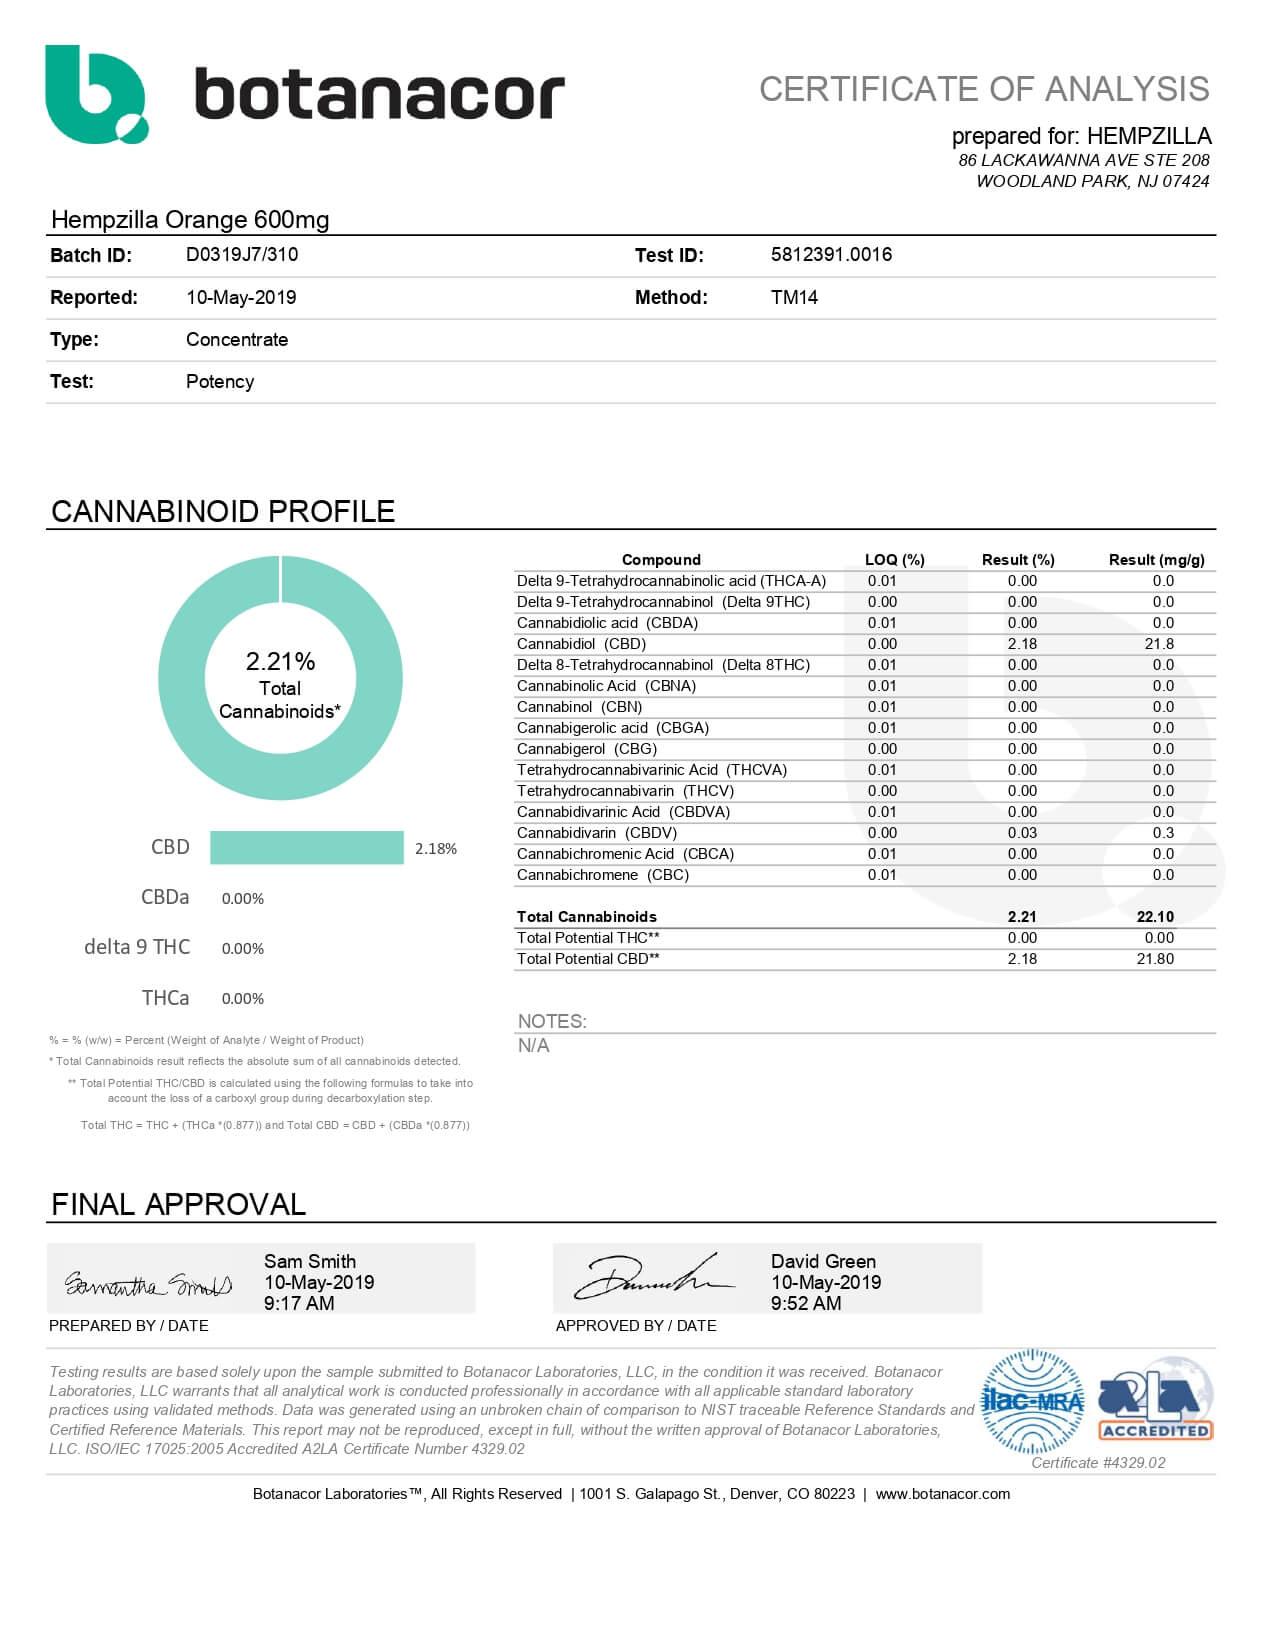 Hempzilla CBD Tincture Orange 600mg Lab Report